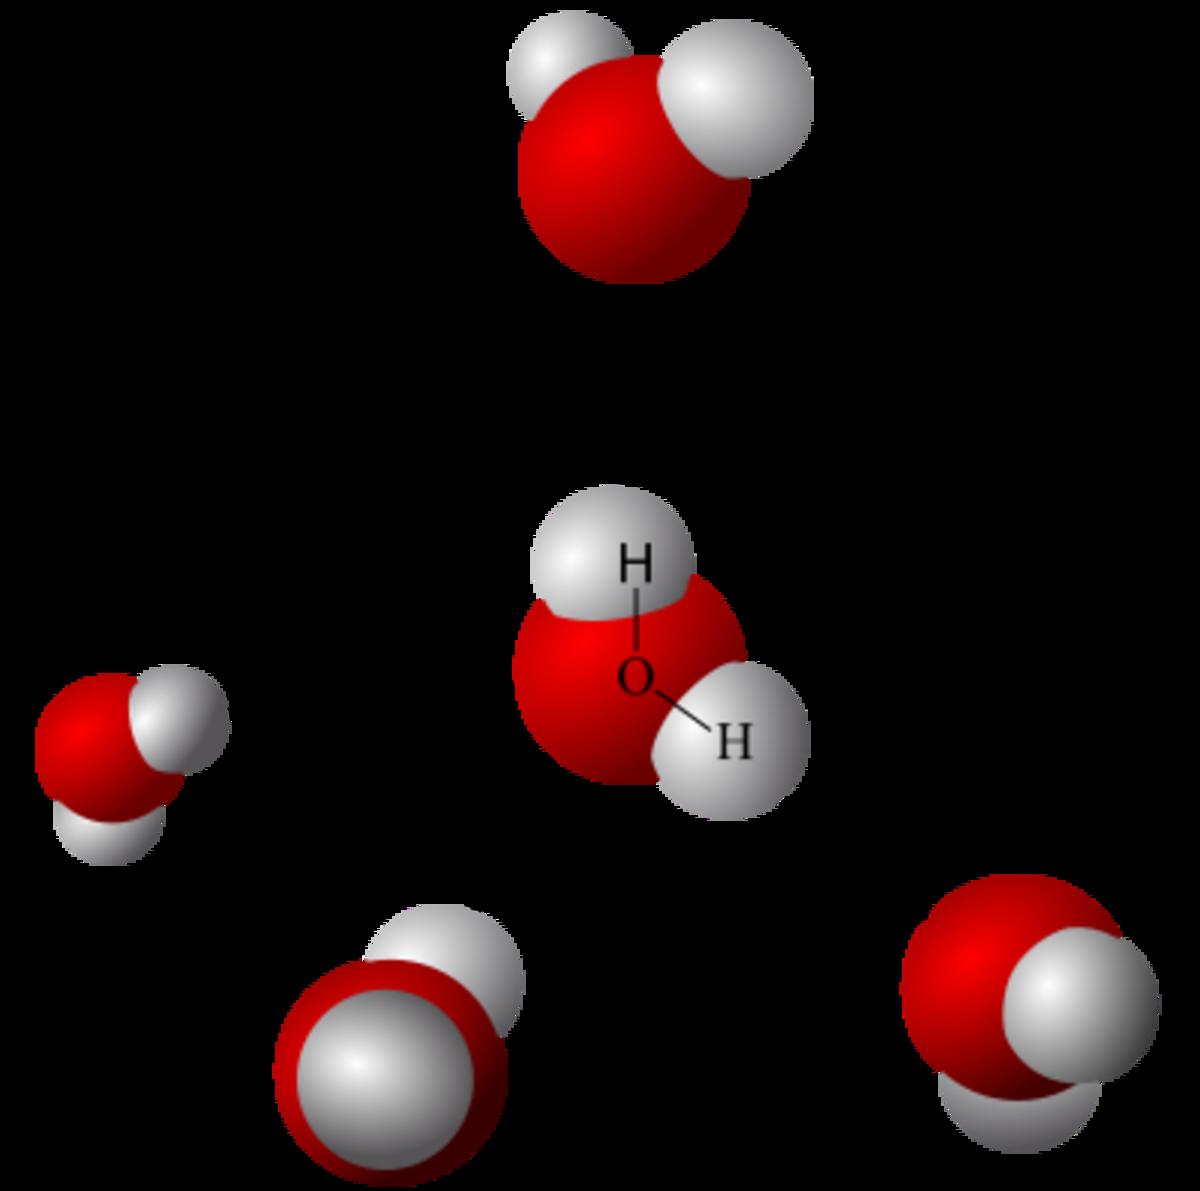 Model of hydrogen bonds in water